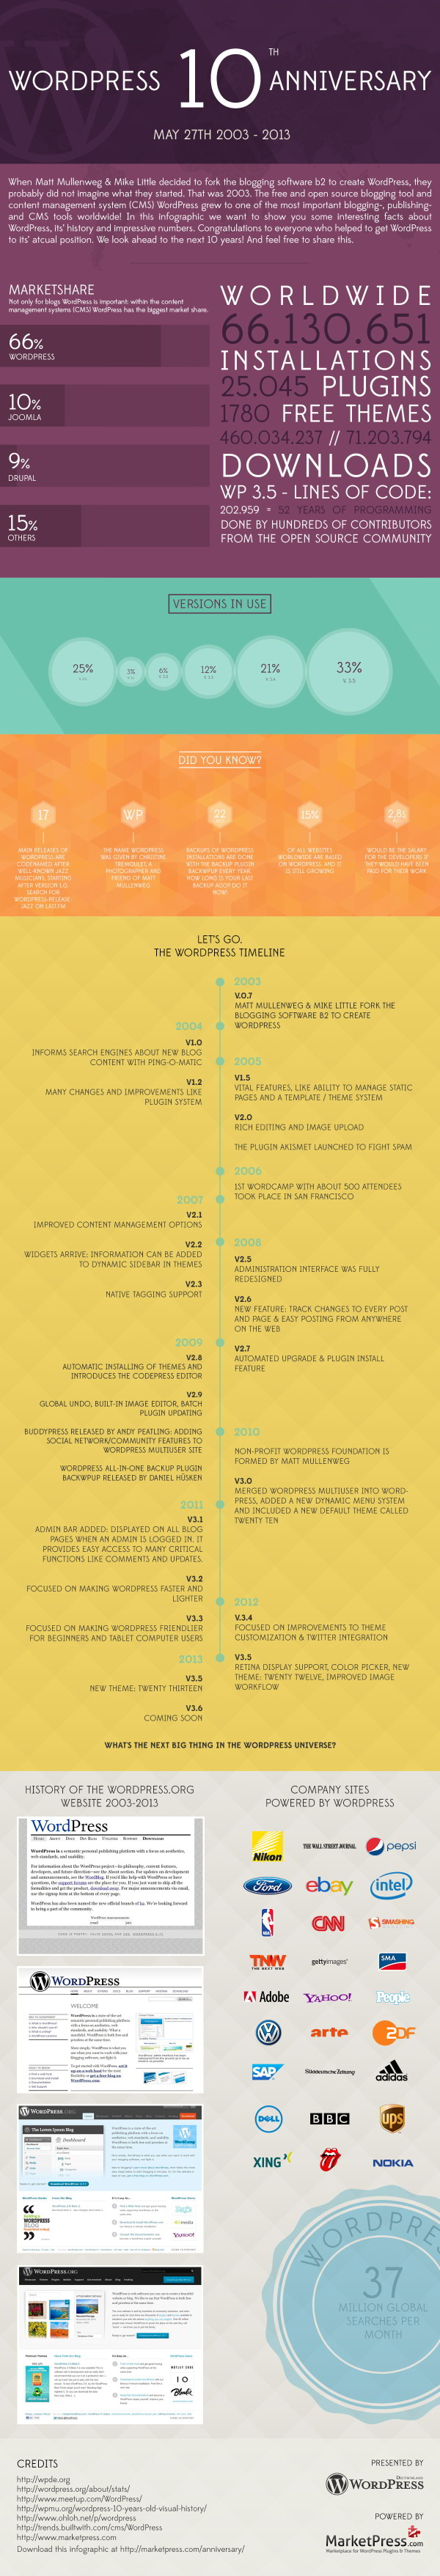 WordPress : 10 ans résumés en une infographie via@Choblab